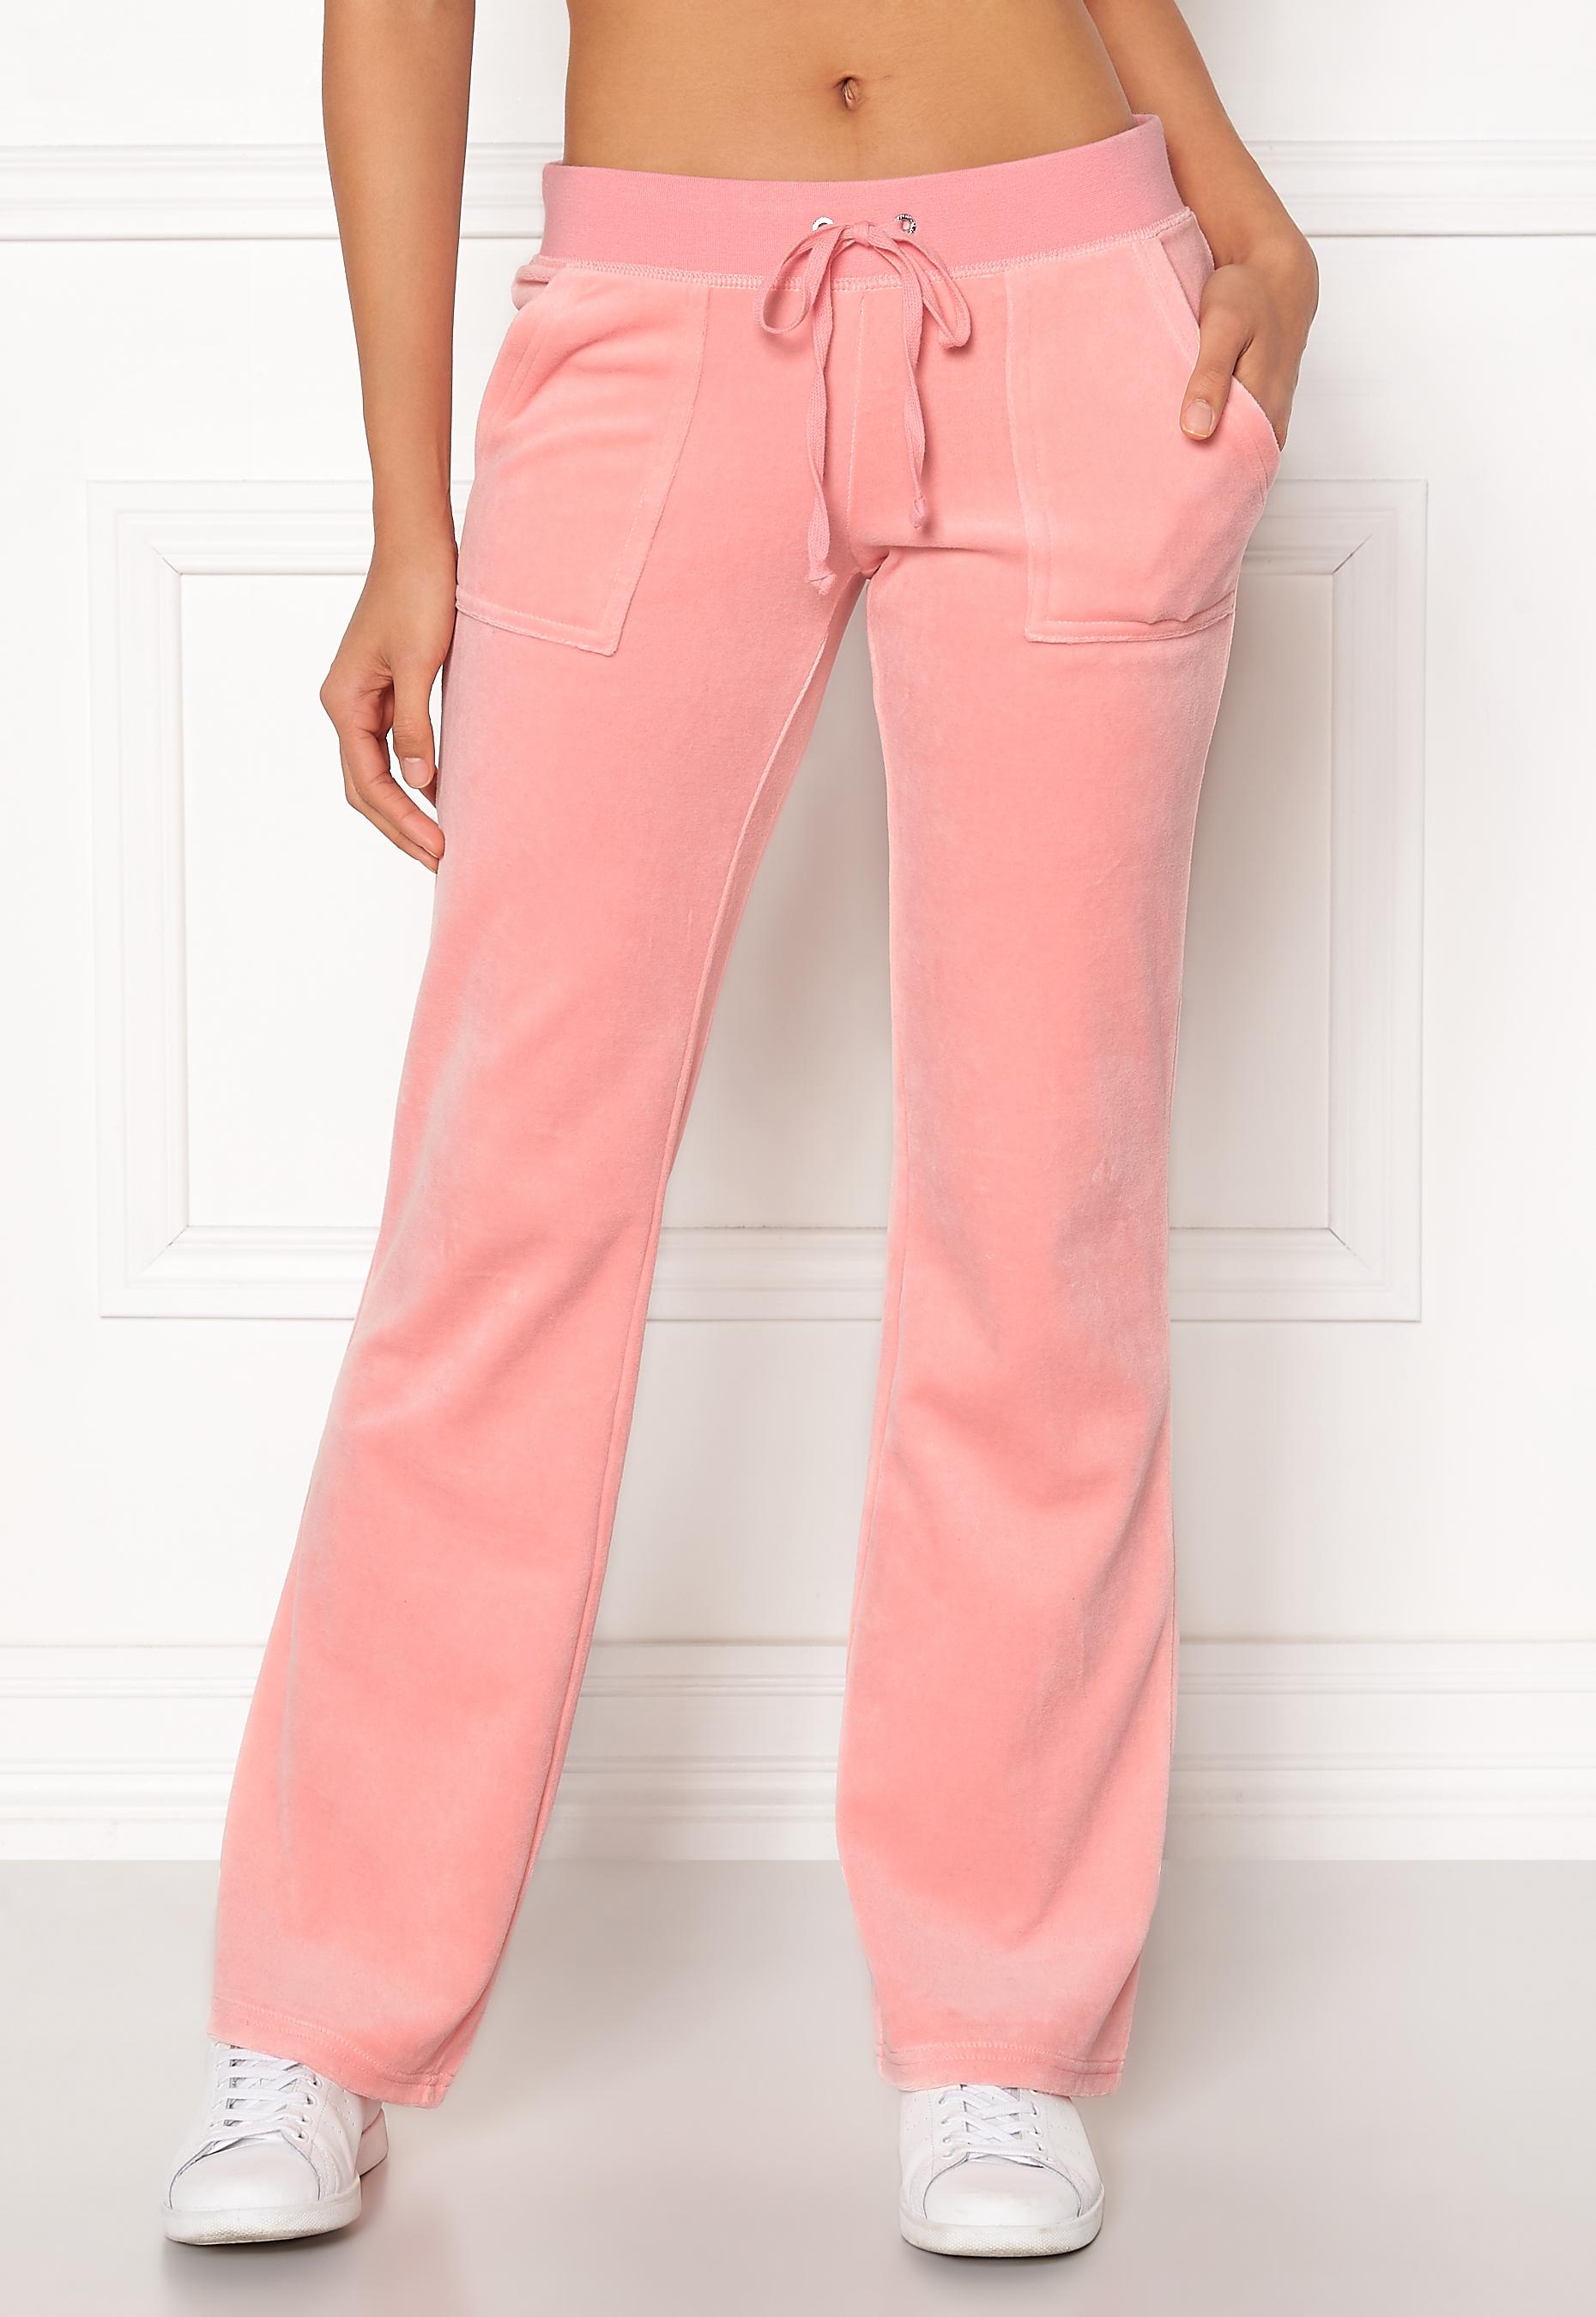 fcd9d70d Juicy Couture Velour Del Rey Pant Sorbet Pink - Bubbleroom